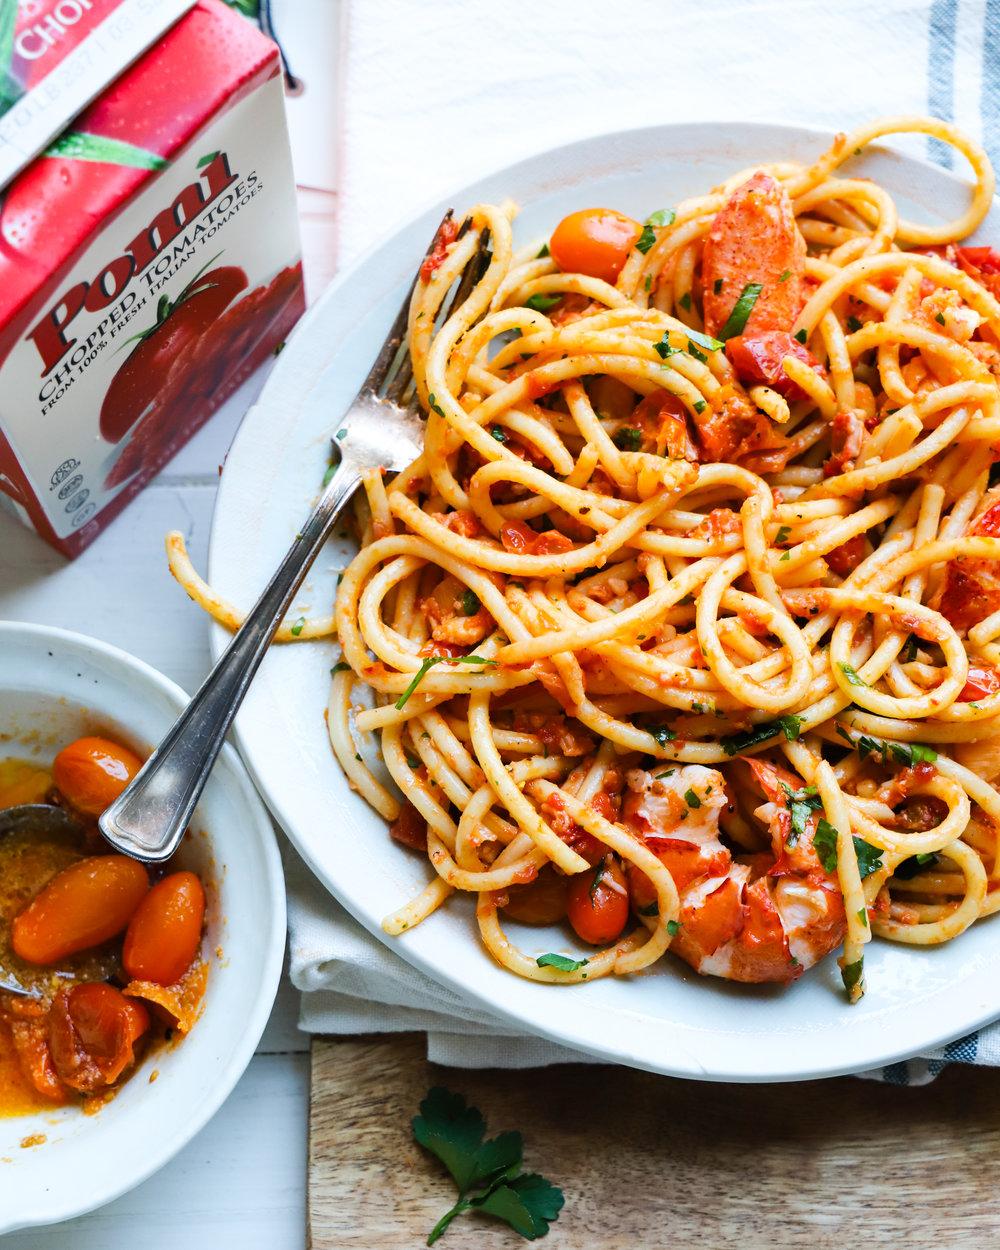 Calabrian Chili Tomato Lobster Pasta